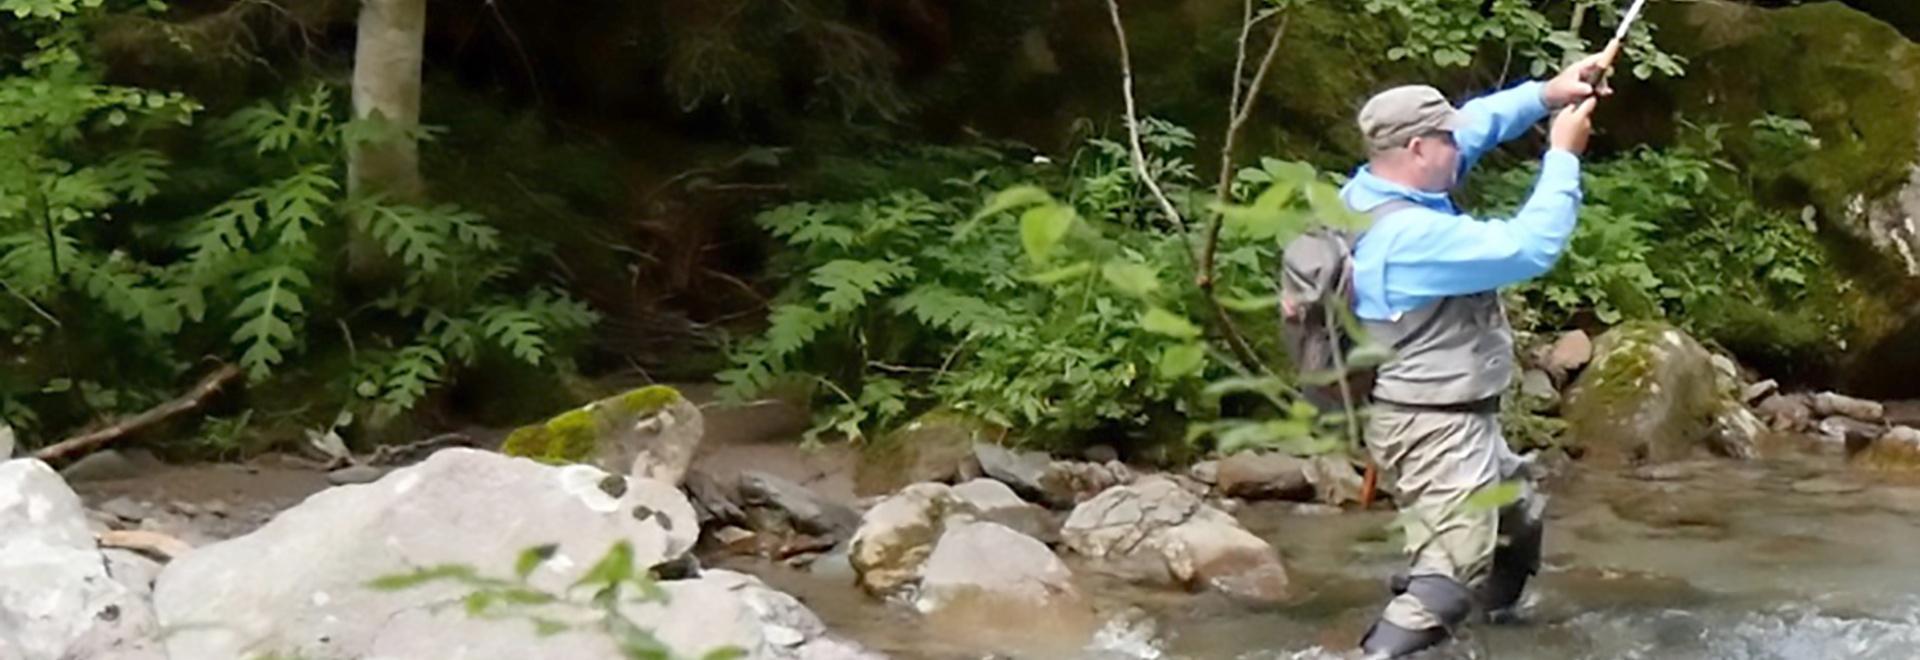 Dove osano le marmotte